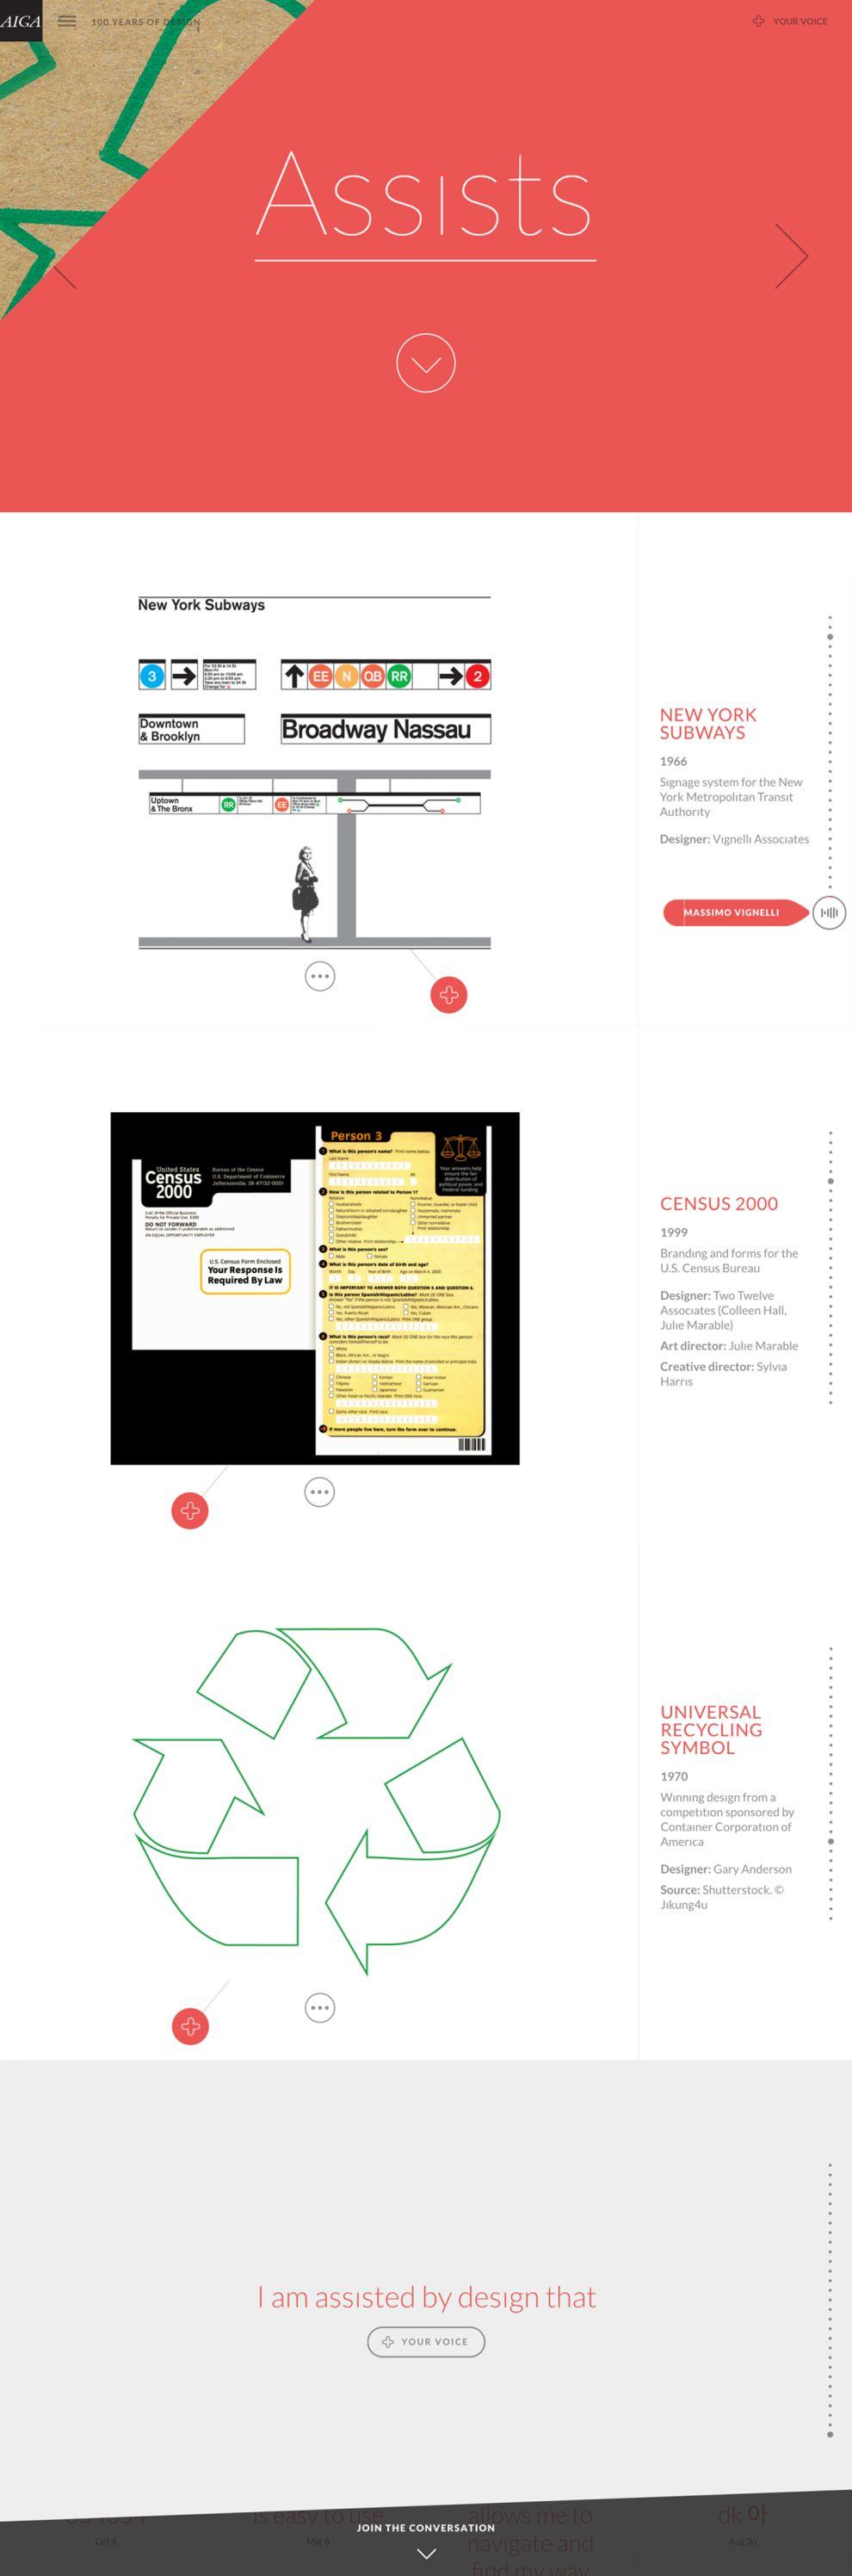 Celebrate Design Beautiful Website Design